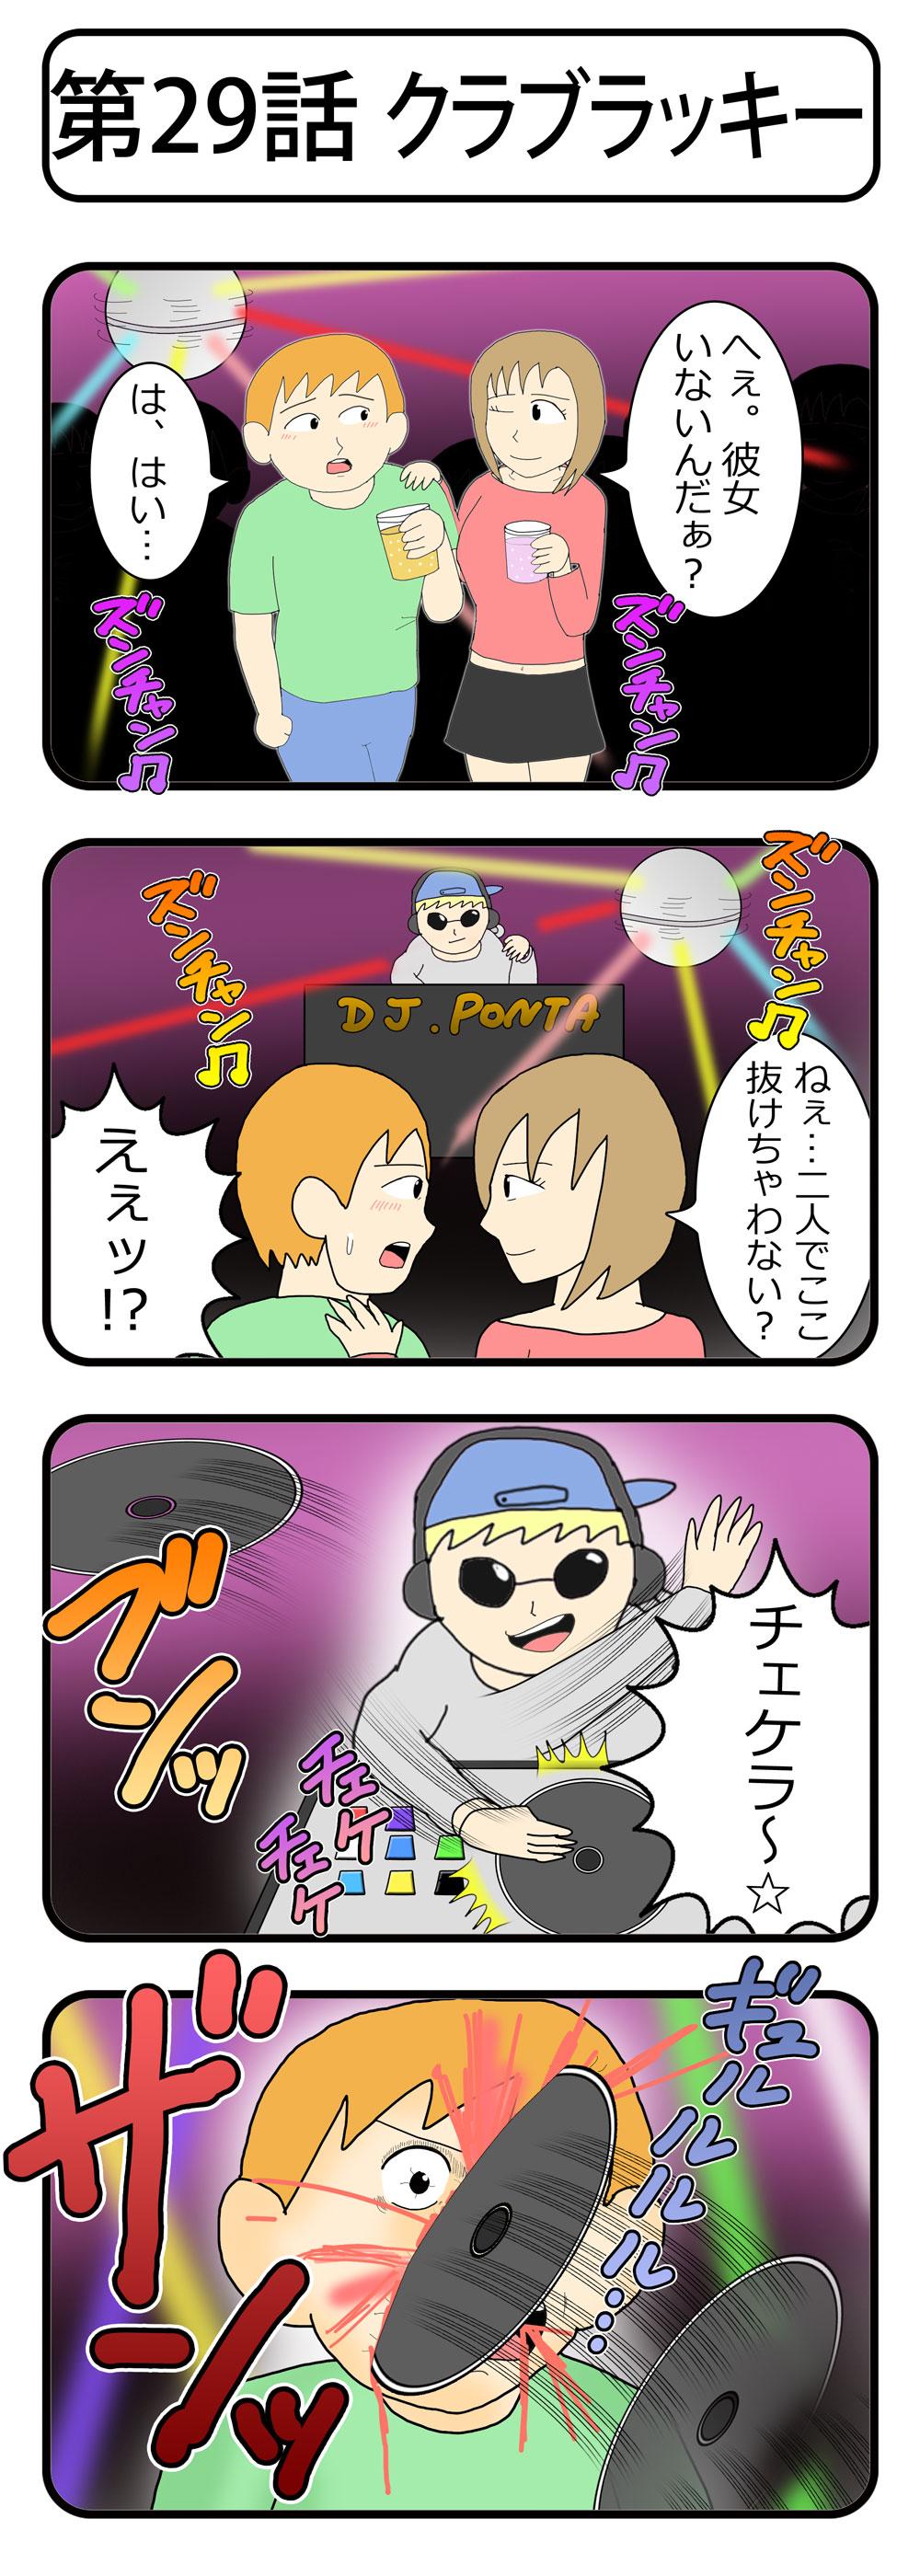 ④ラッキースケベ&デス29話c